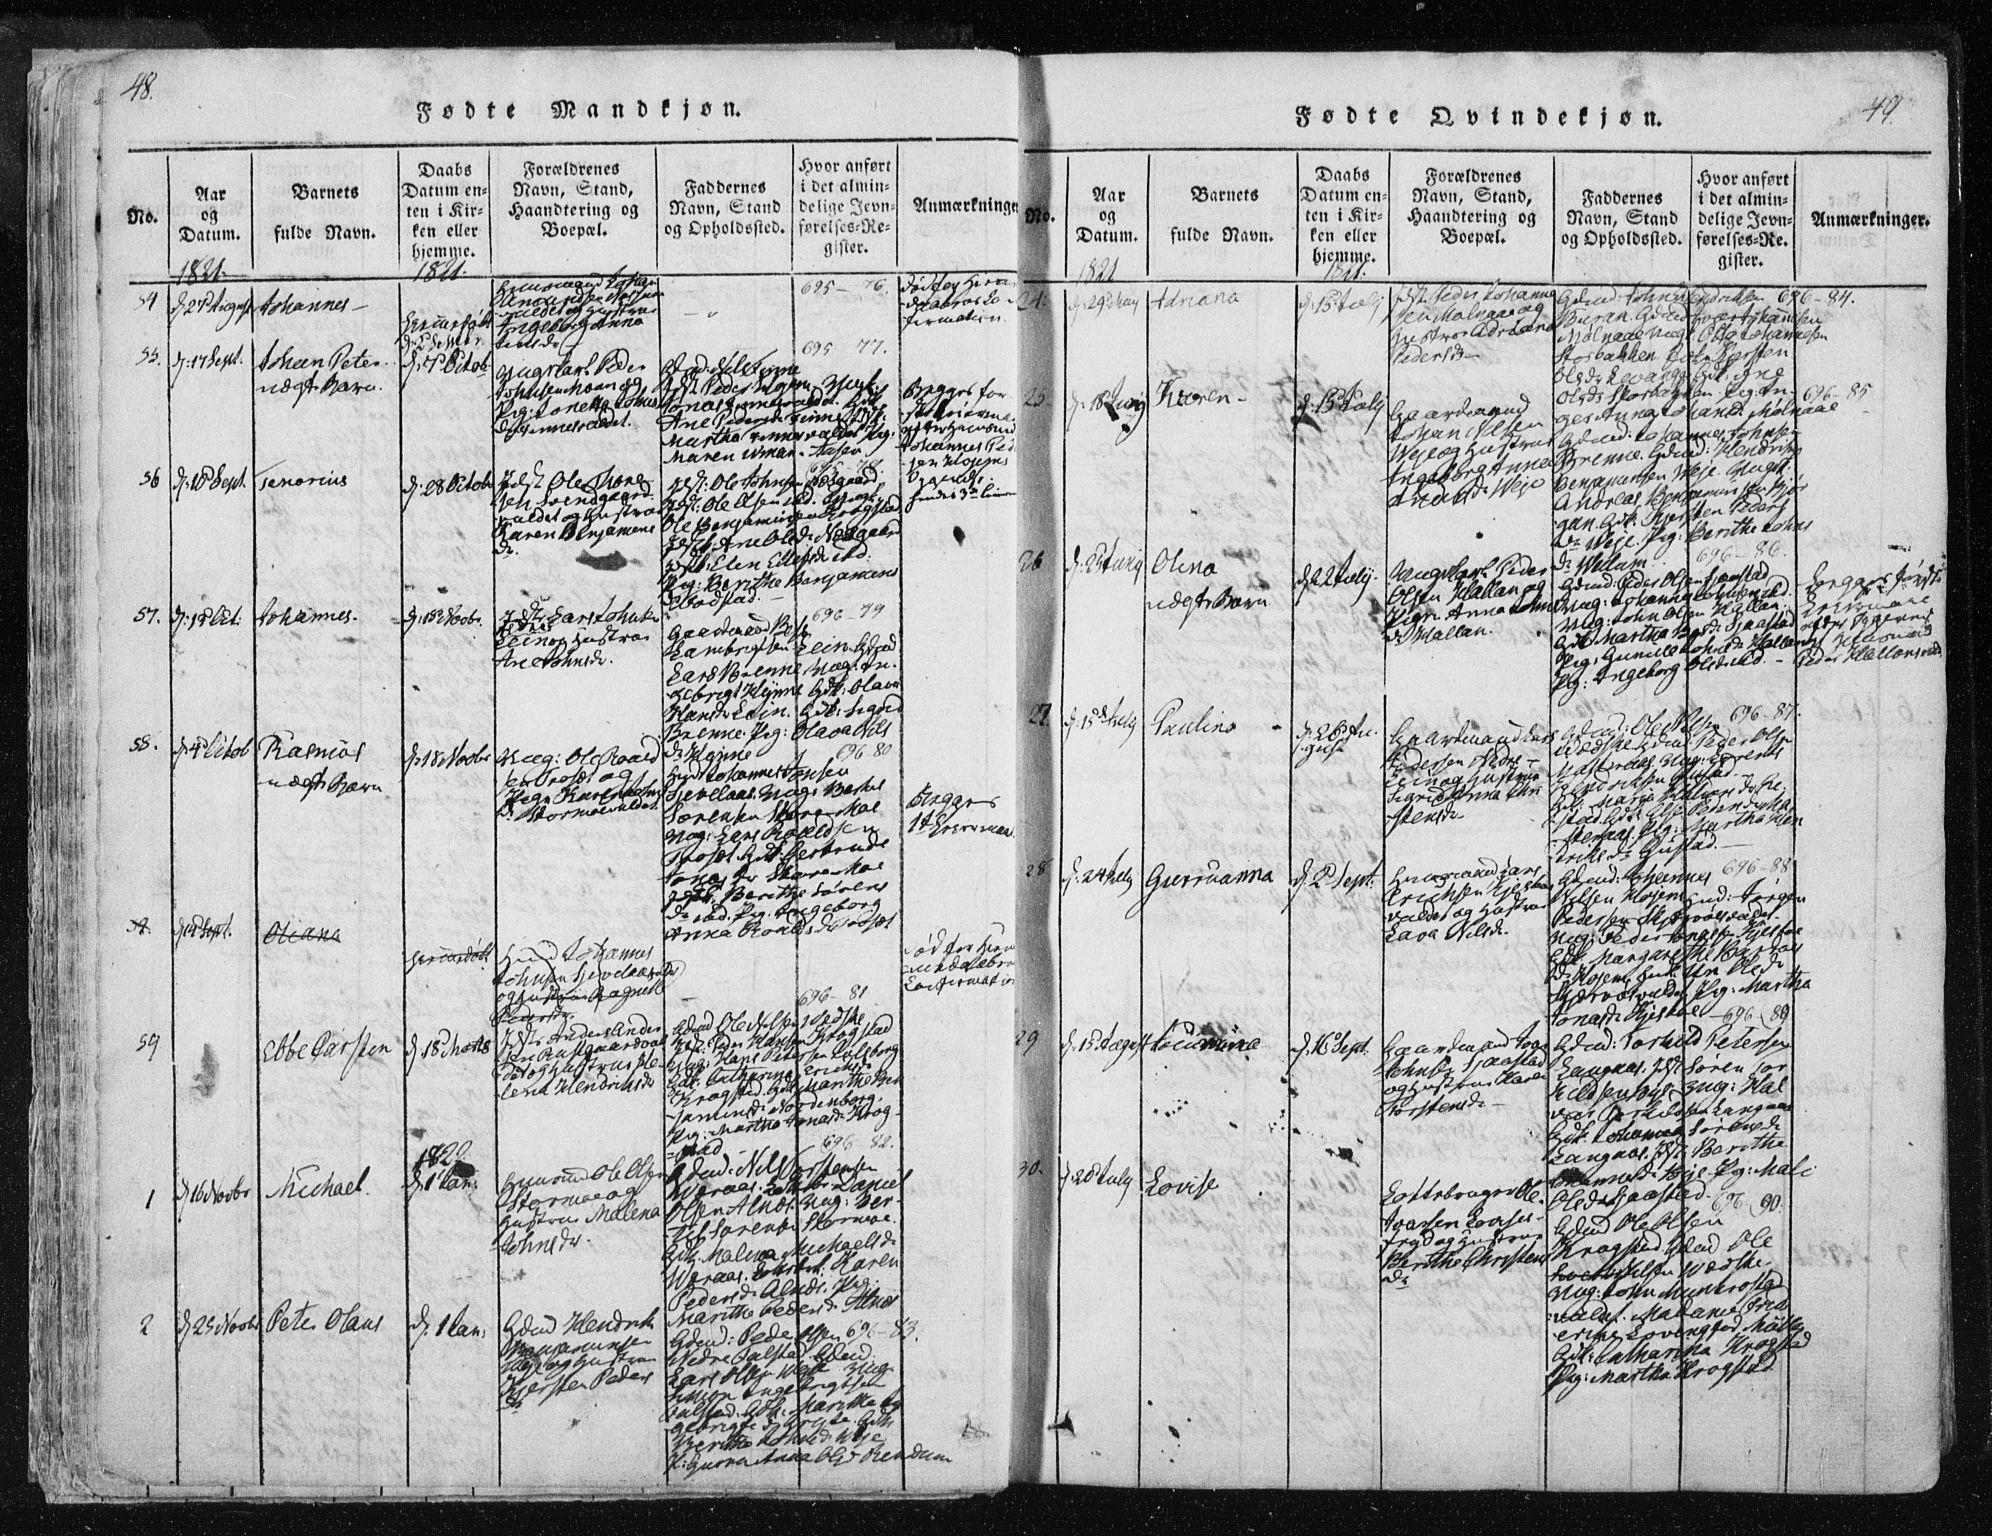 SAT, Ministerialprotokoller, klokkerbøker og fødselsregistre - Nord-Trøndelag, 717/L0148: Ministerialbok nr. 717A04 /1, 1816-1825, s. 48-49